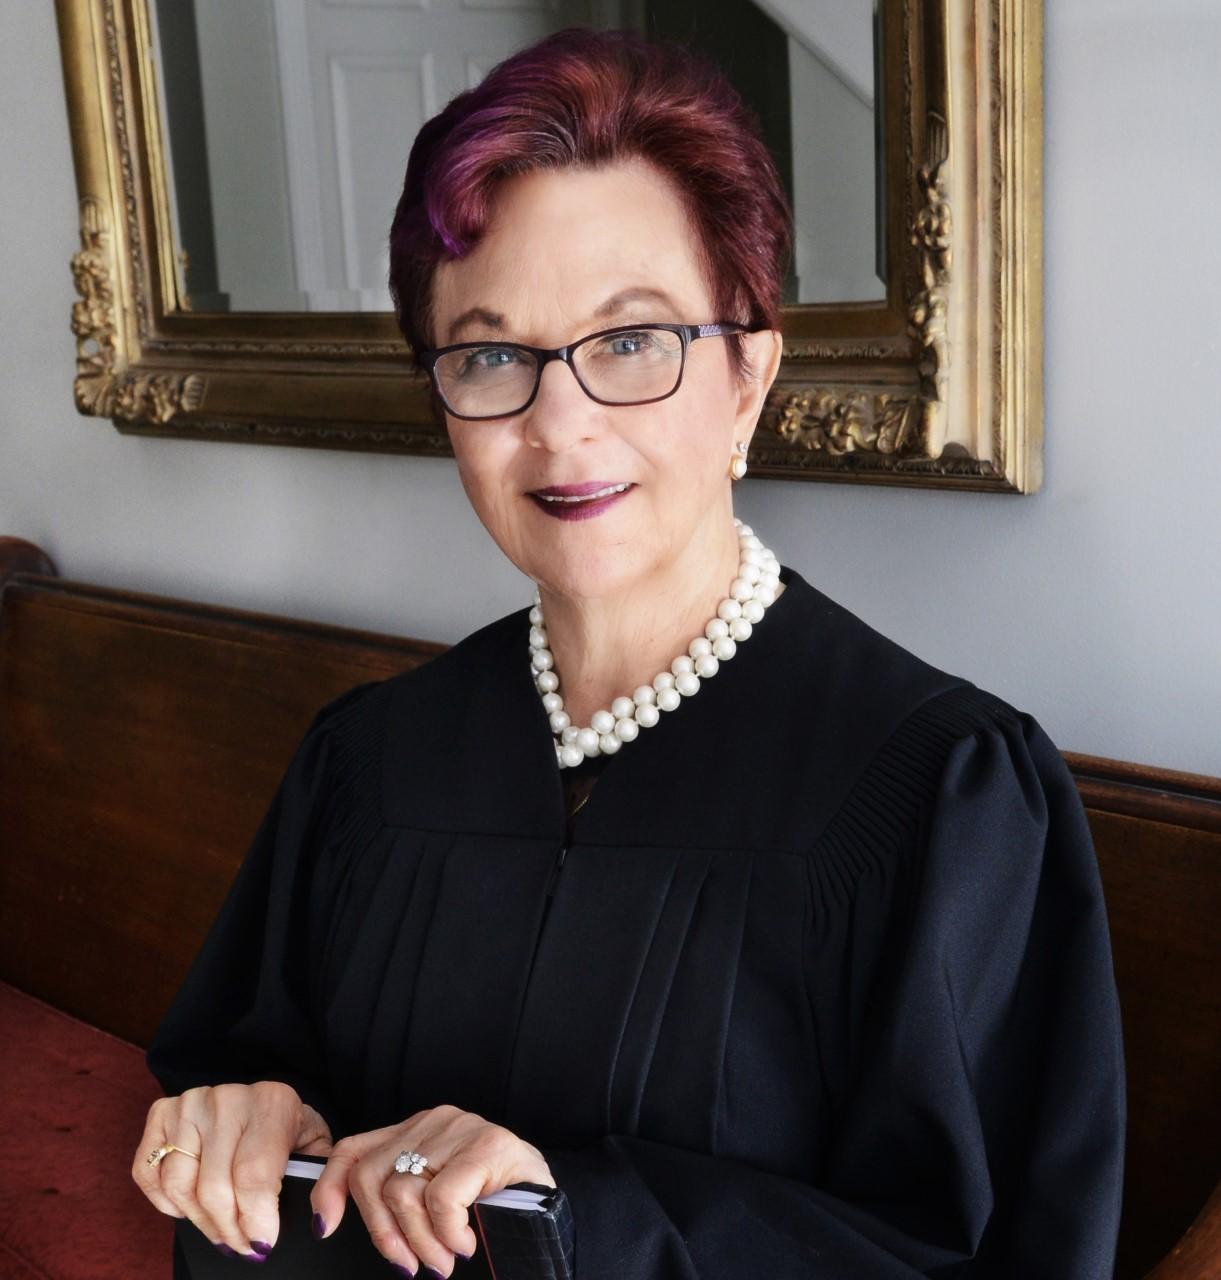 Elizabeth B. Gemelli